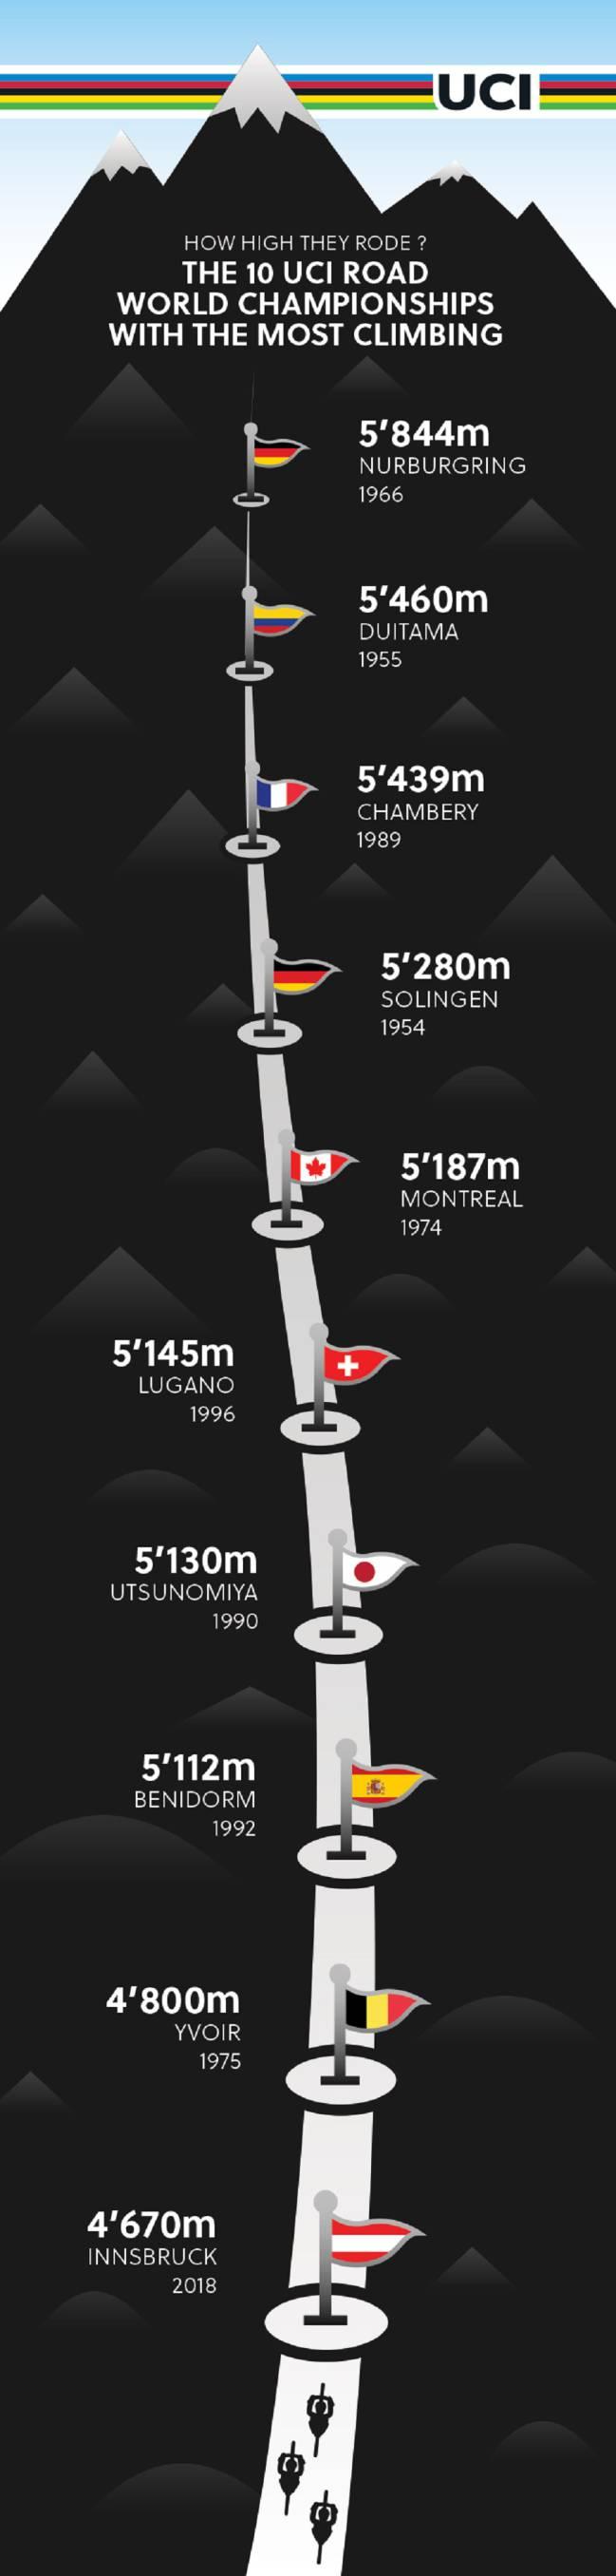 Gráfico comparativo de la UCI con los Mundiales con más desnivel de la historia.